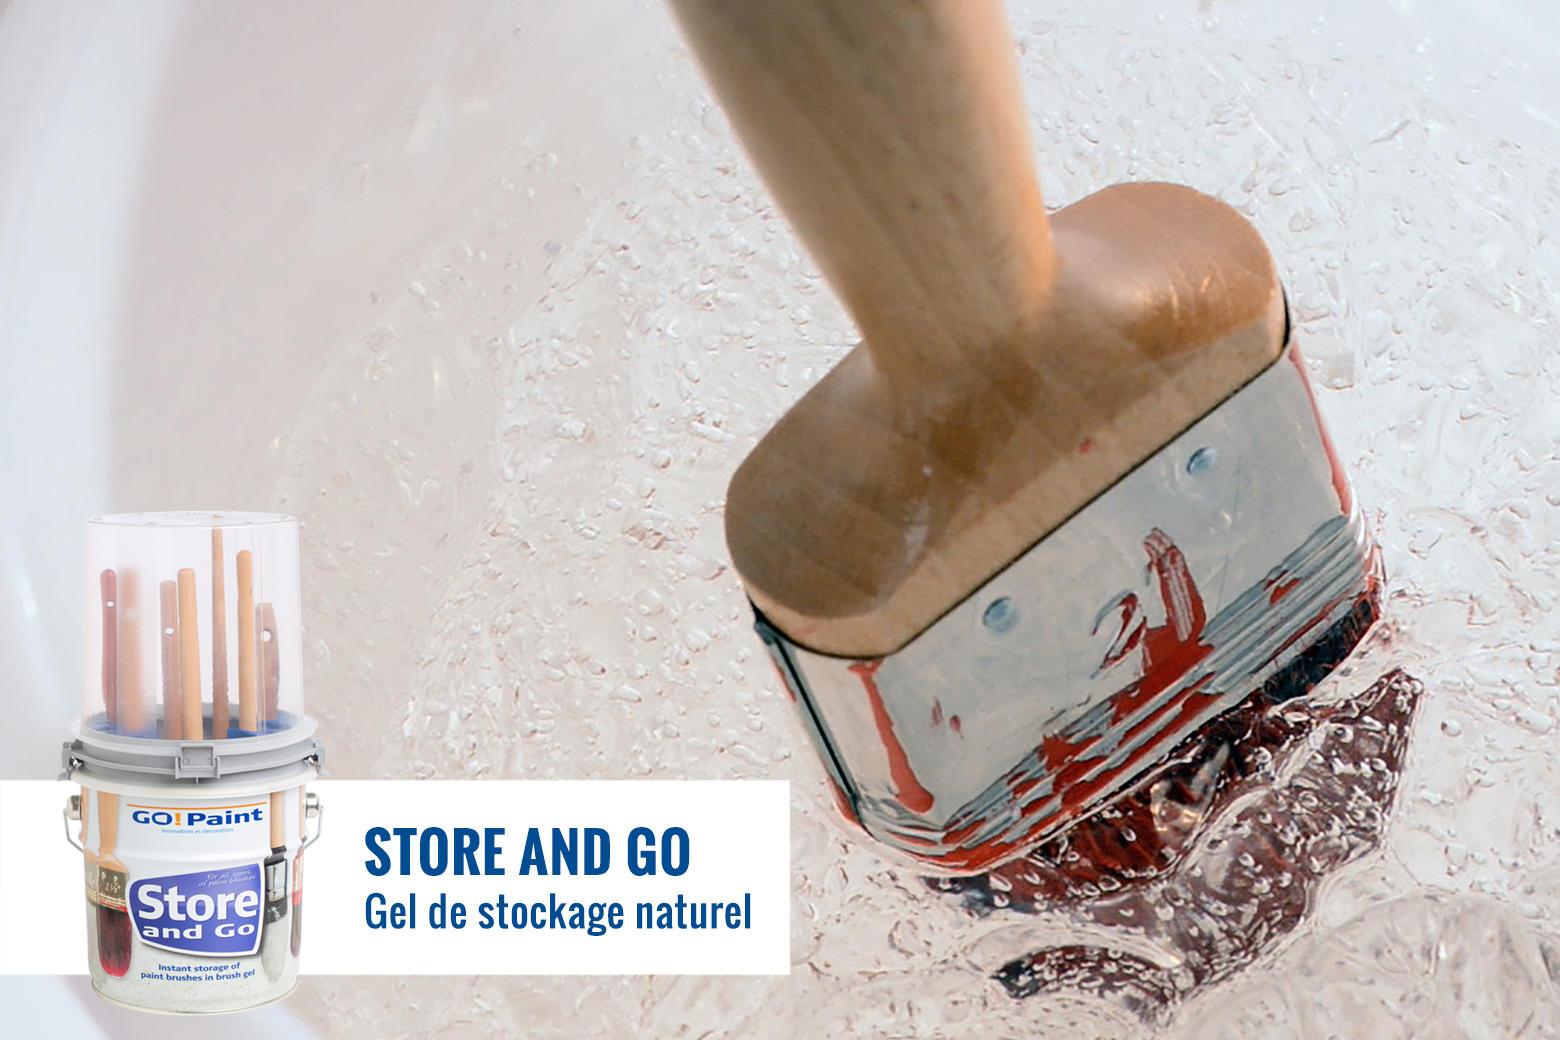 Le système Store and Go conserve tous les pinceaux en parfait état